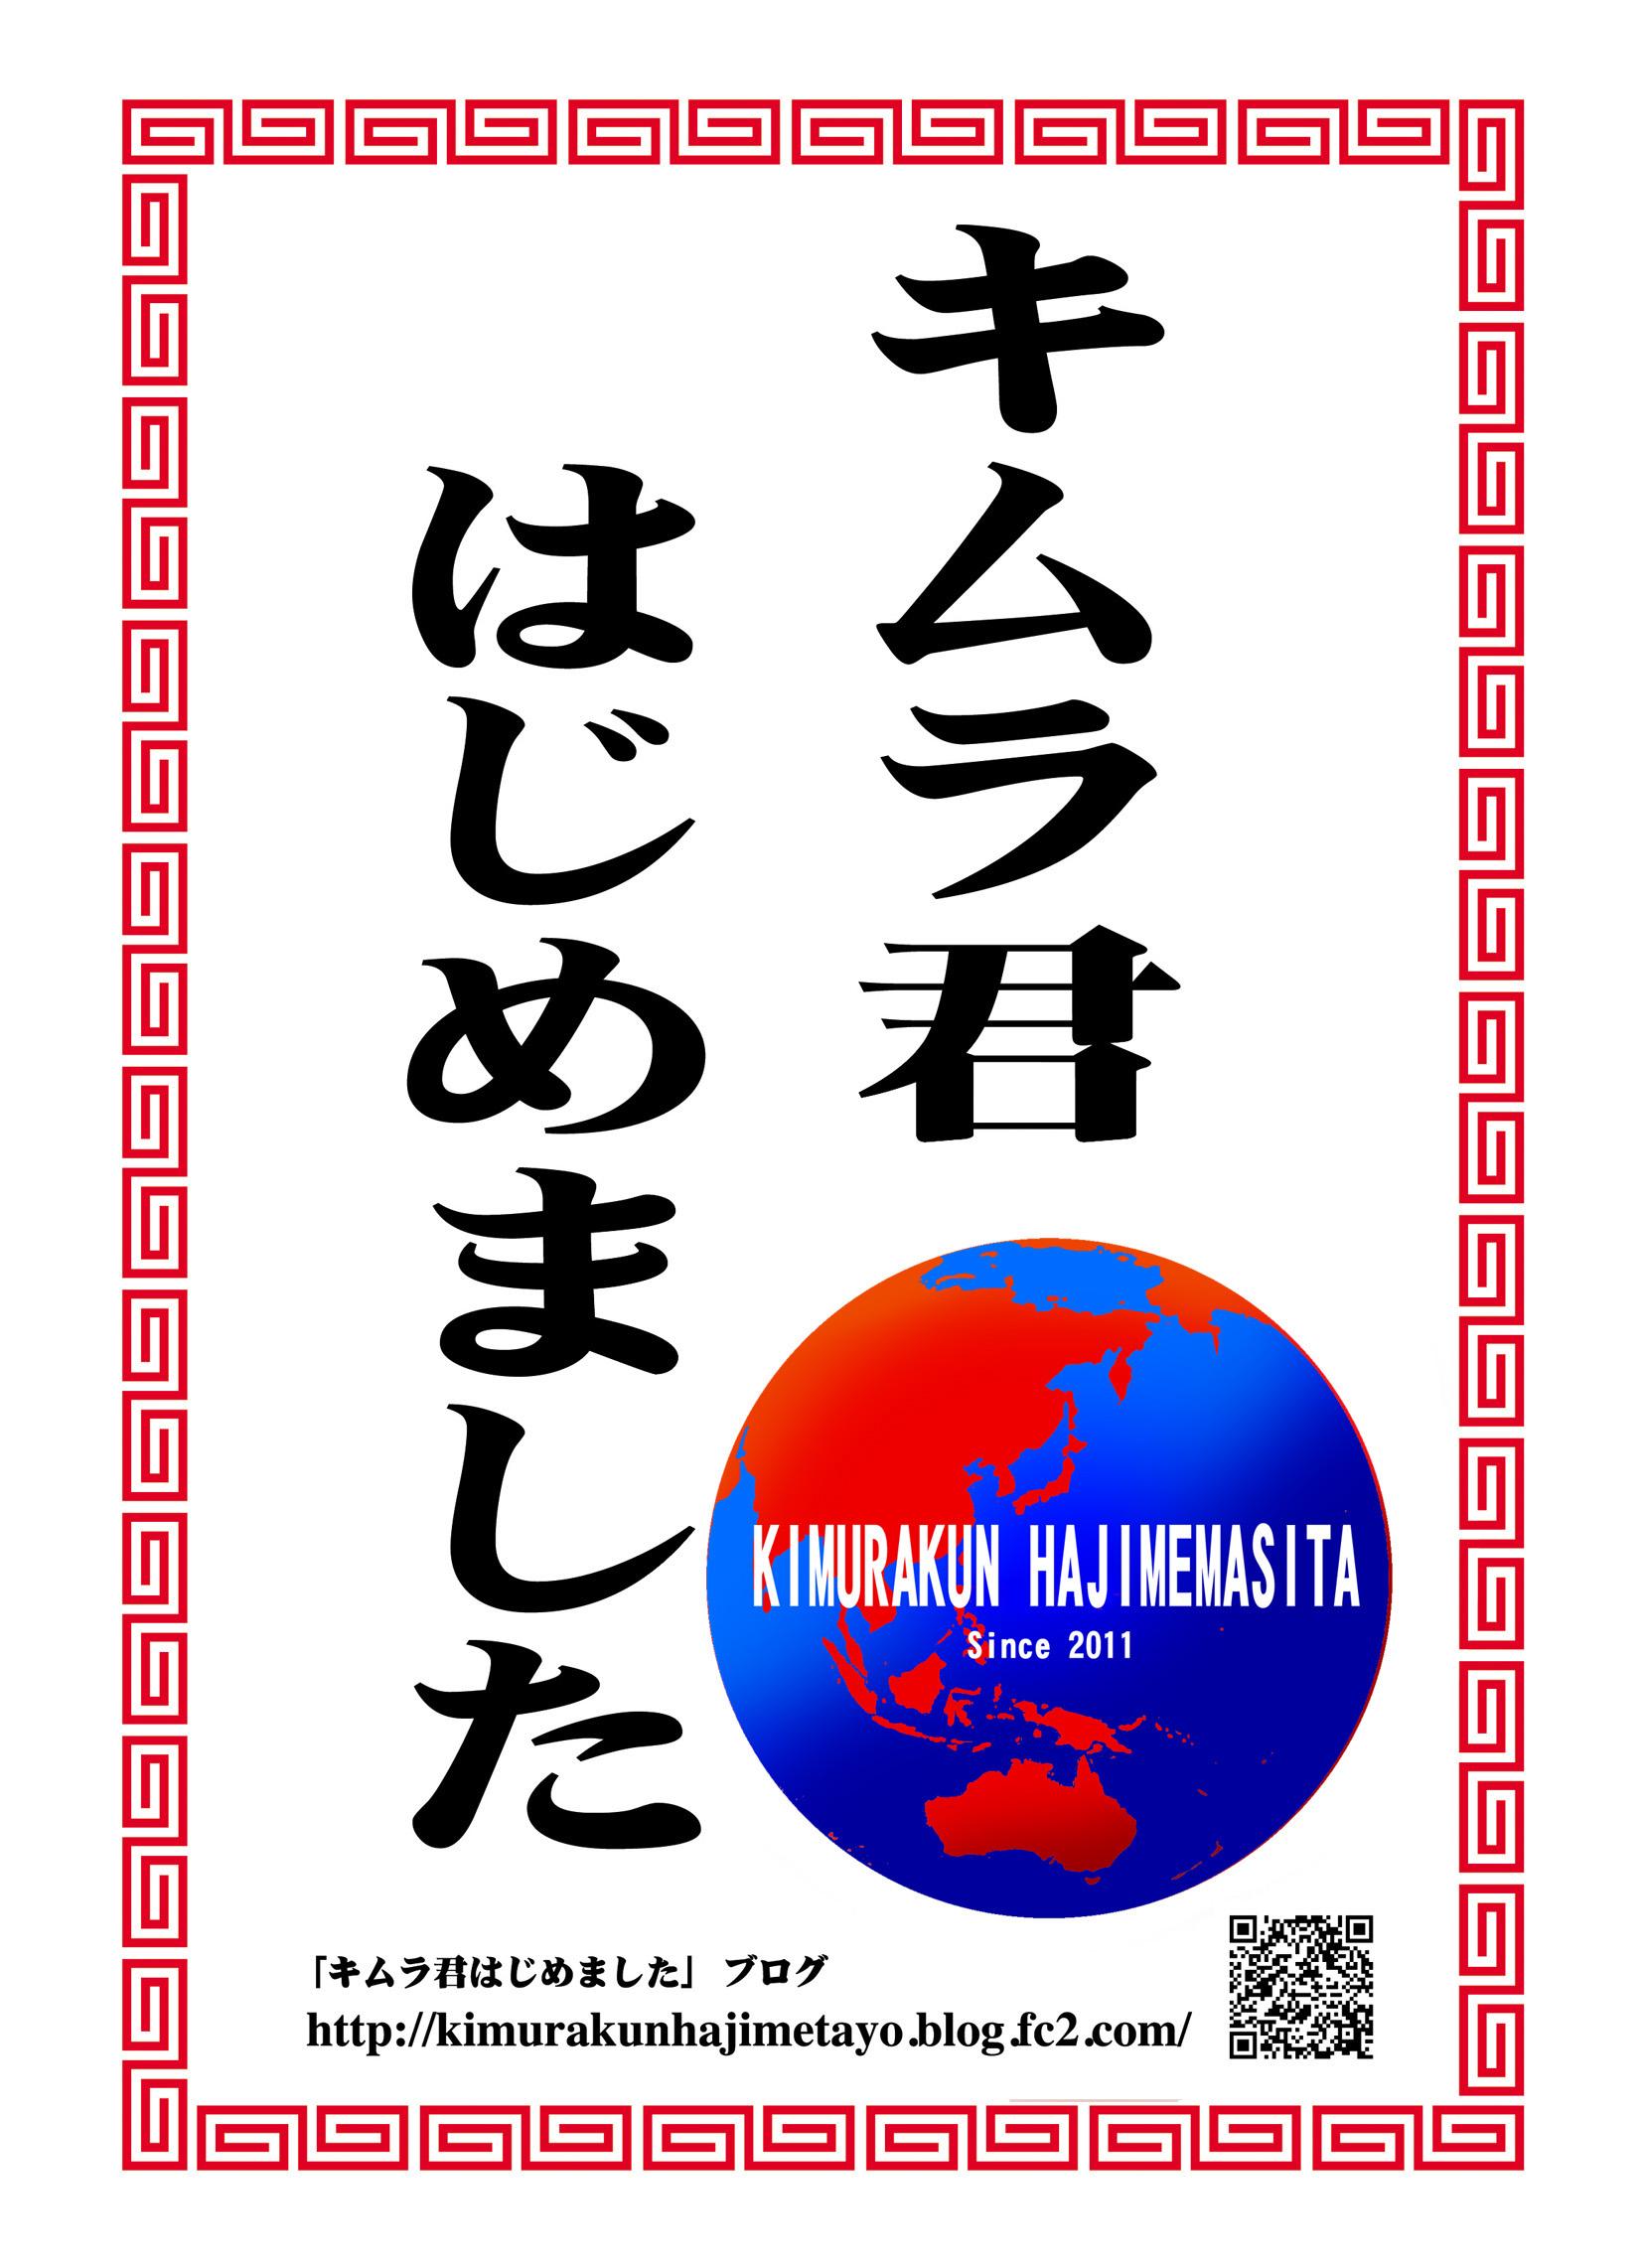 キムラ君-ポスター20150000